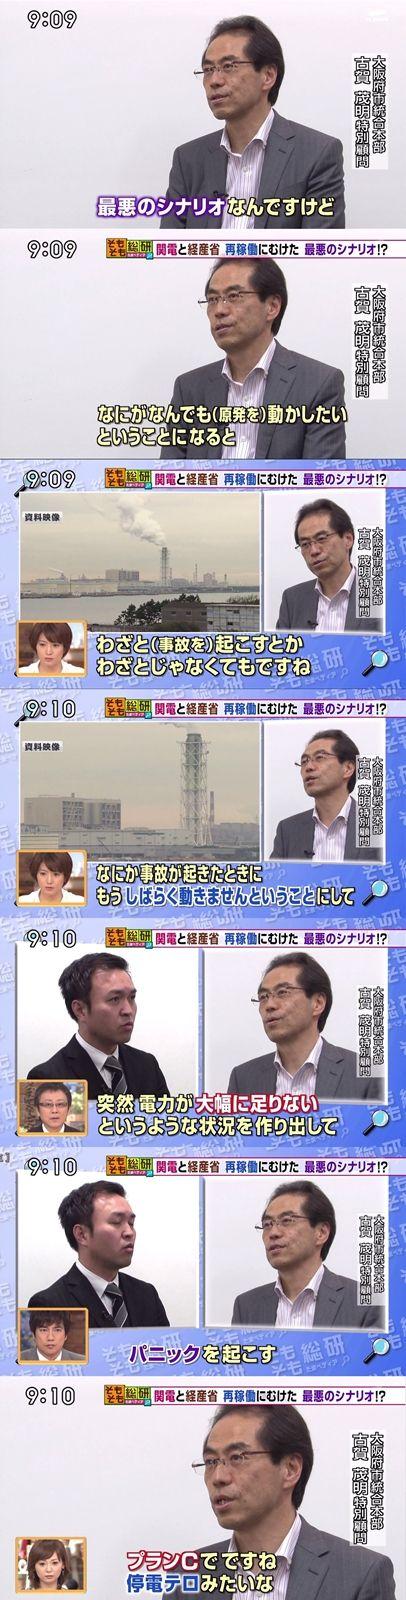 古賀茂明 関電「ほら、夏に同じこと起きたら、原発稼働させないと足りなくなっちゃう... 関電の和